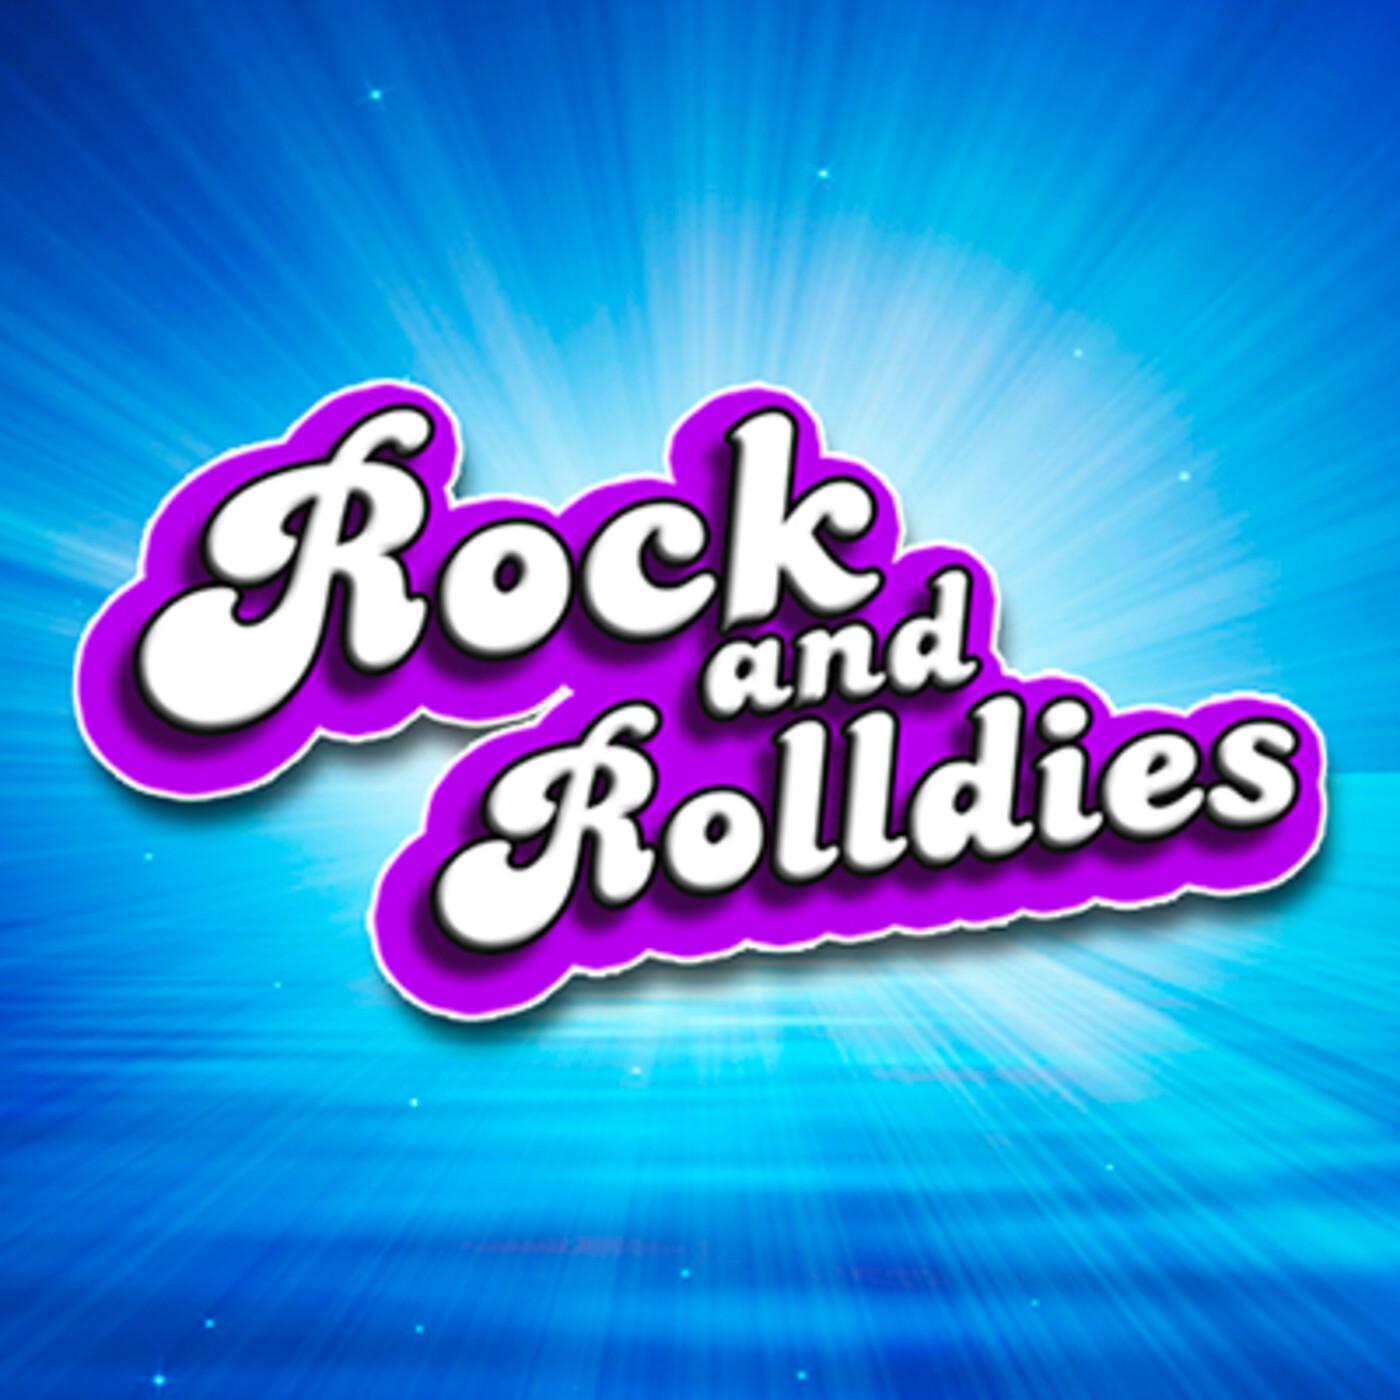 Rock and Rolldies 19 de octubre de 2020